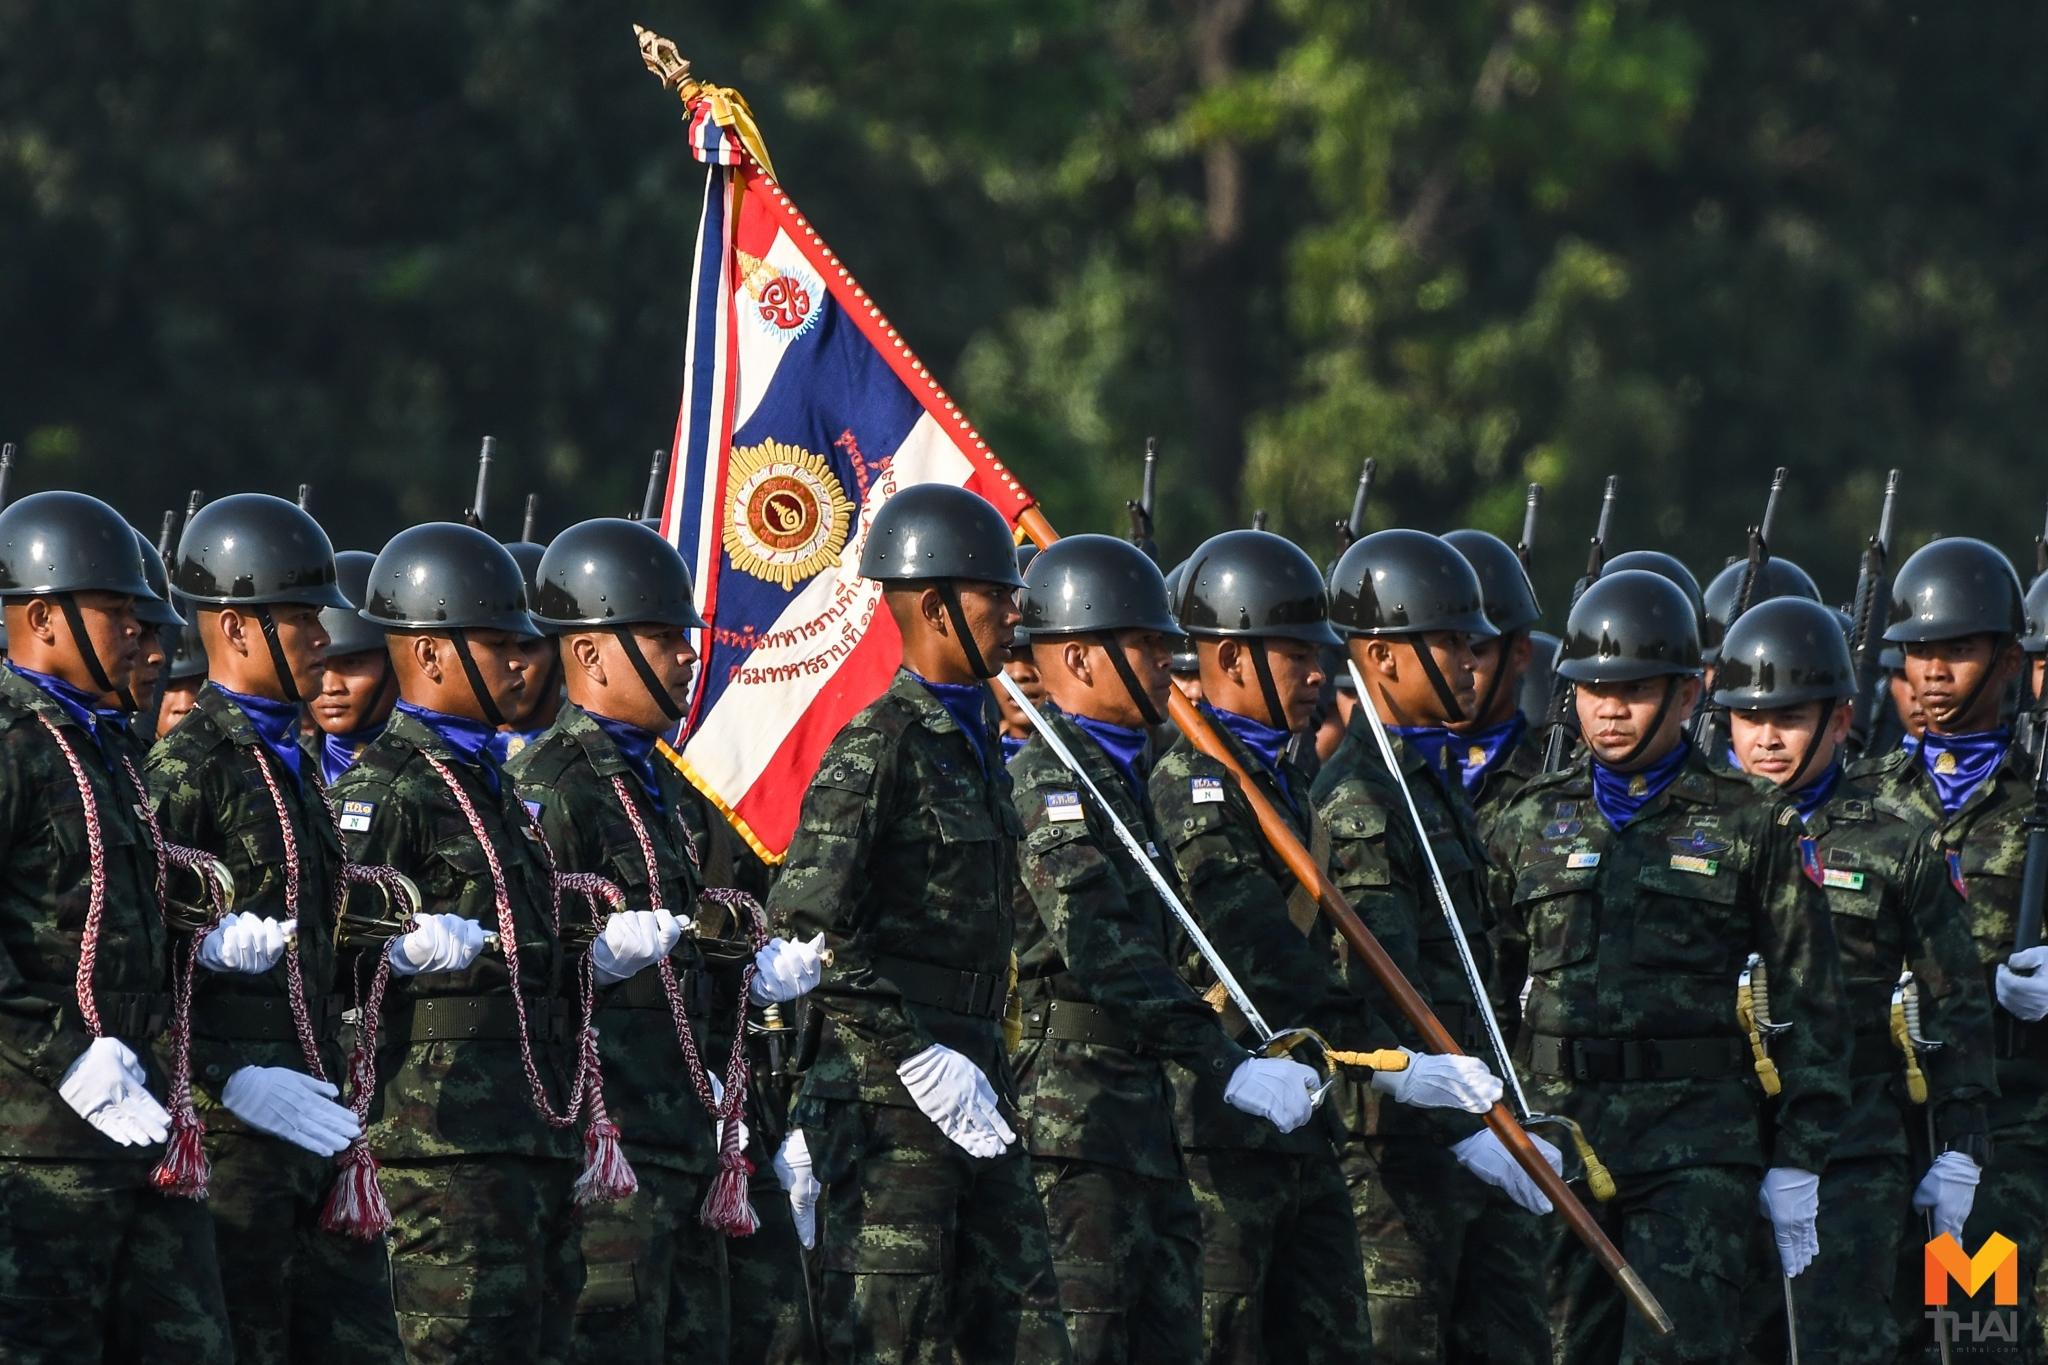 กองทัพไทย ทหาร ธงชัยเฉลิมพล ธงไชยเฉลิม